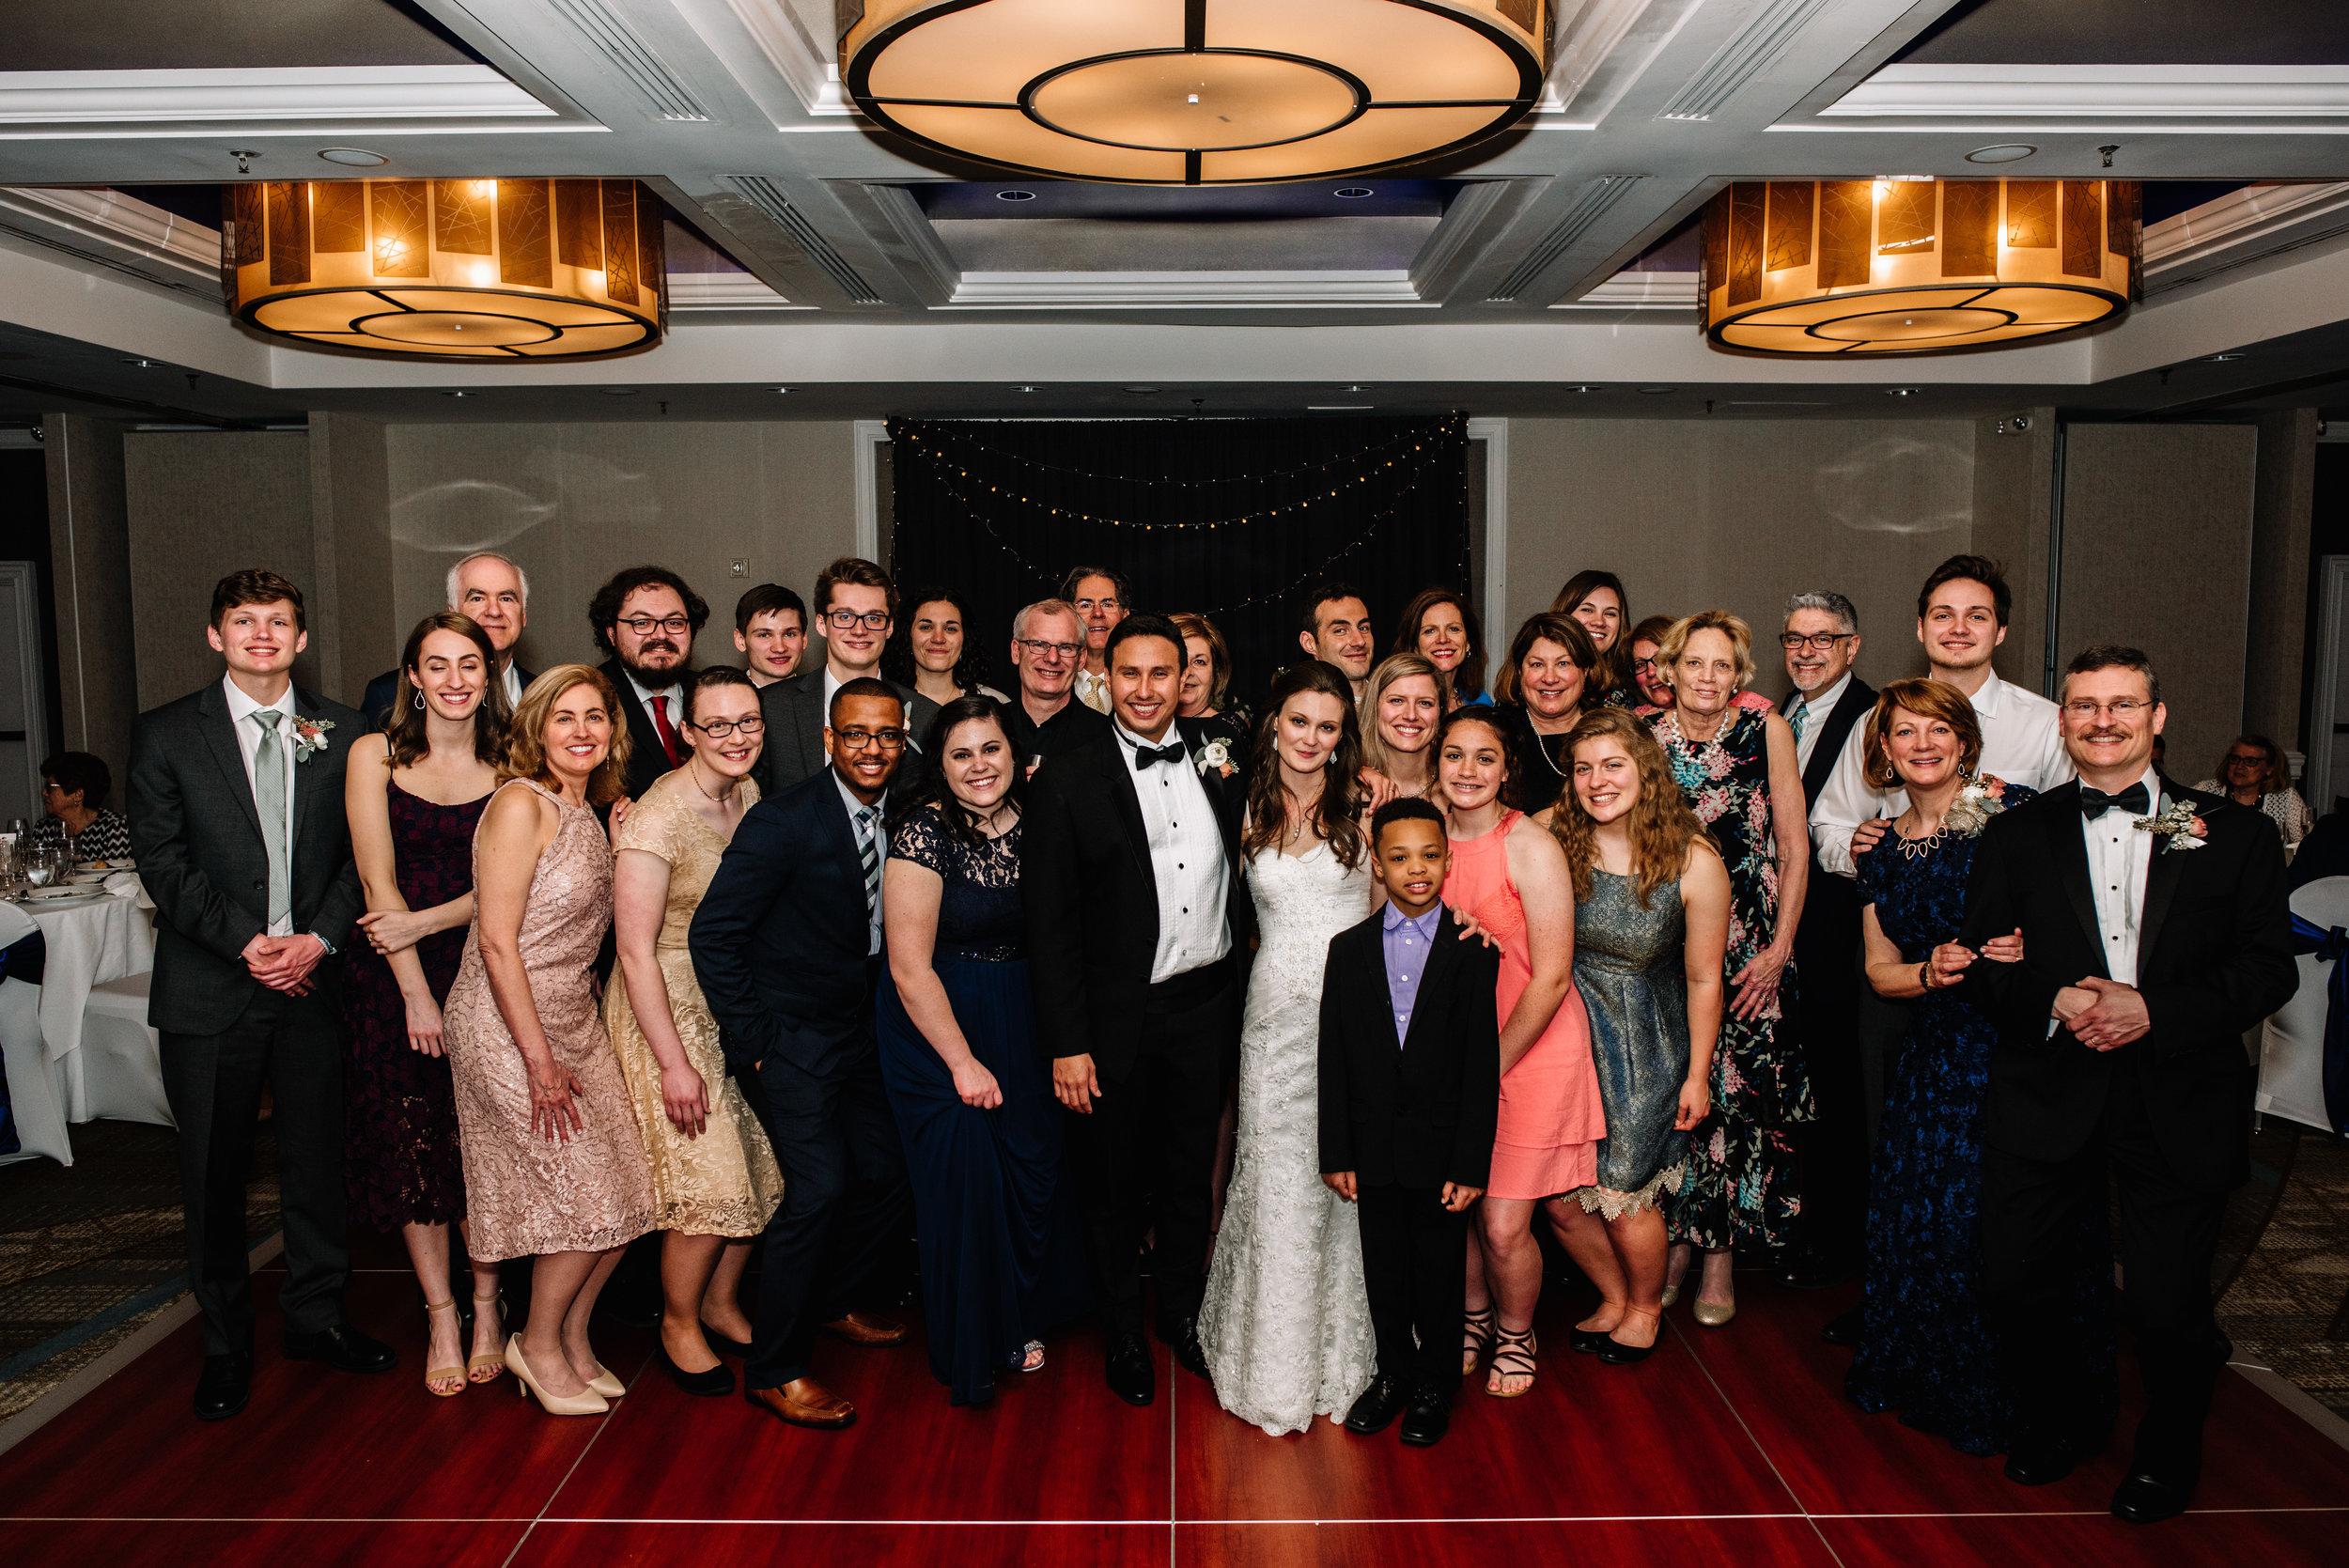 Large Family Wedding Group Photo Hotel Fairfax